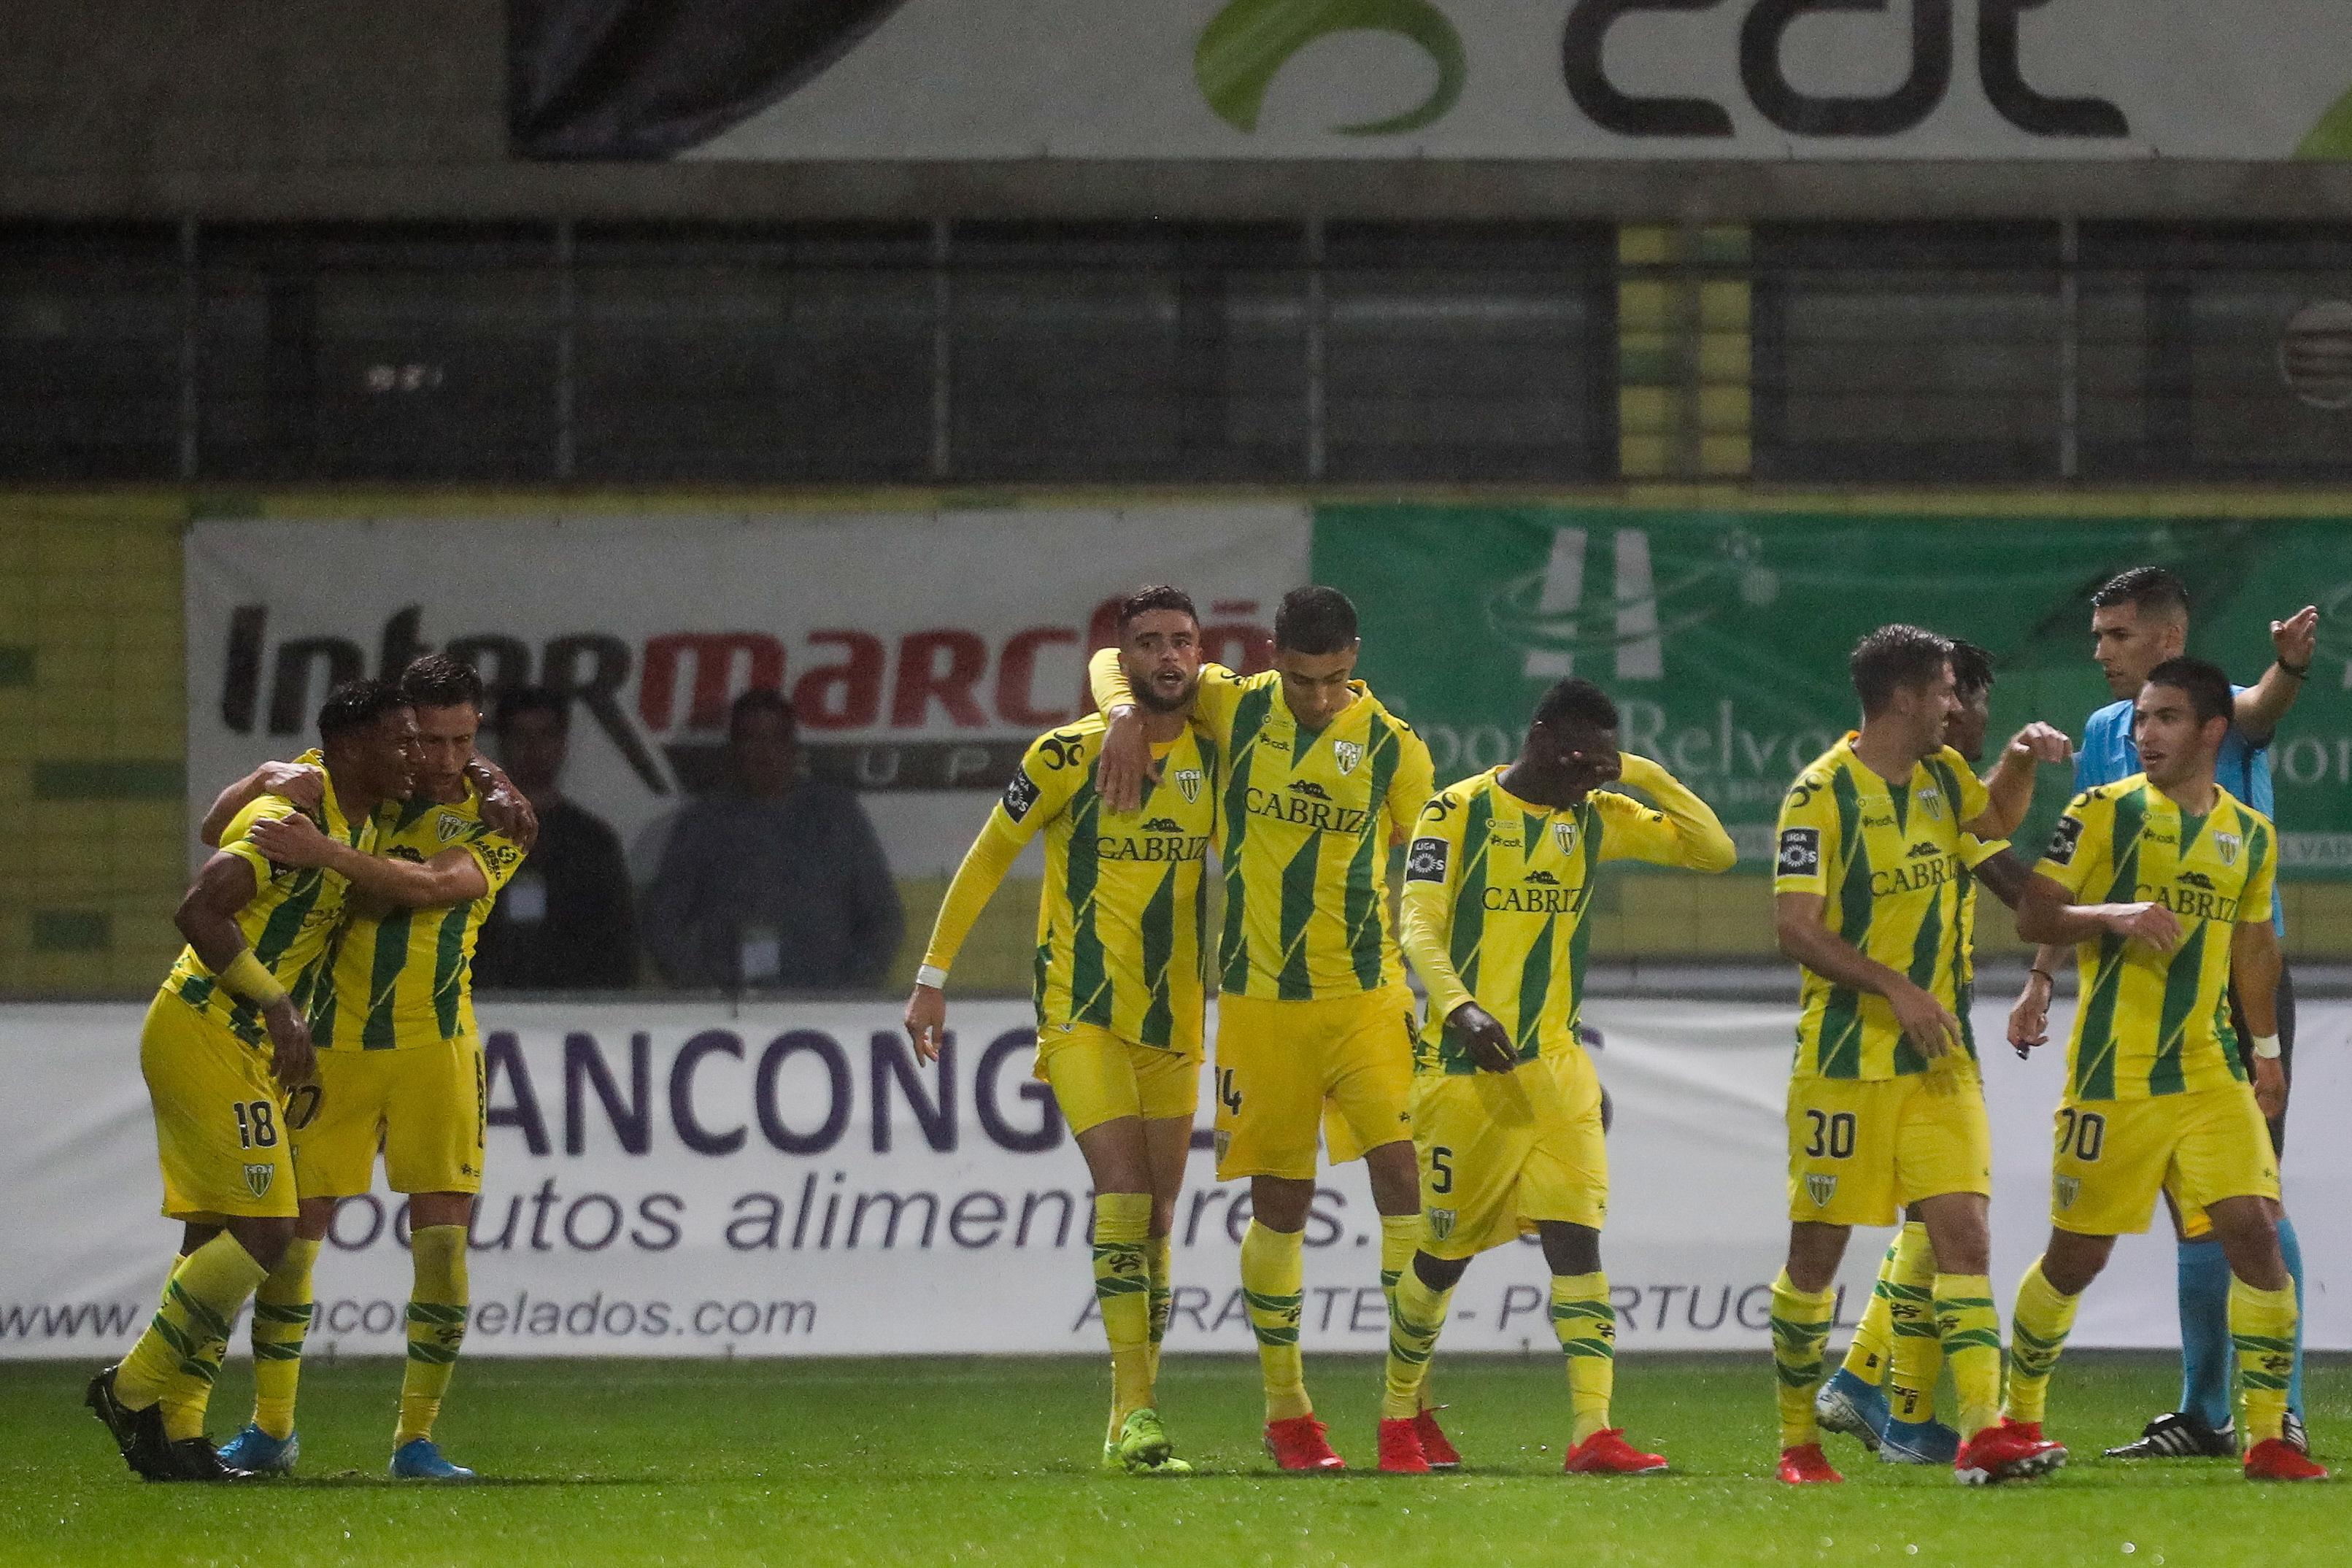 Covid-19: Jogadores do Tondela querem regresso ao futebol mas só com condições